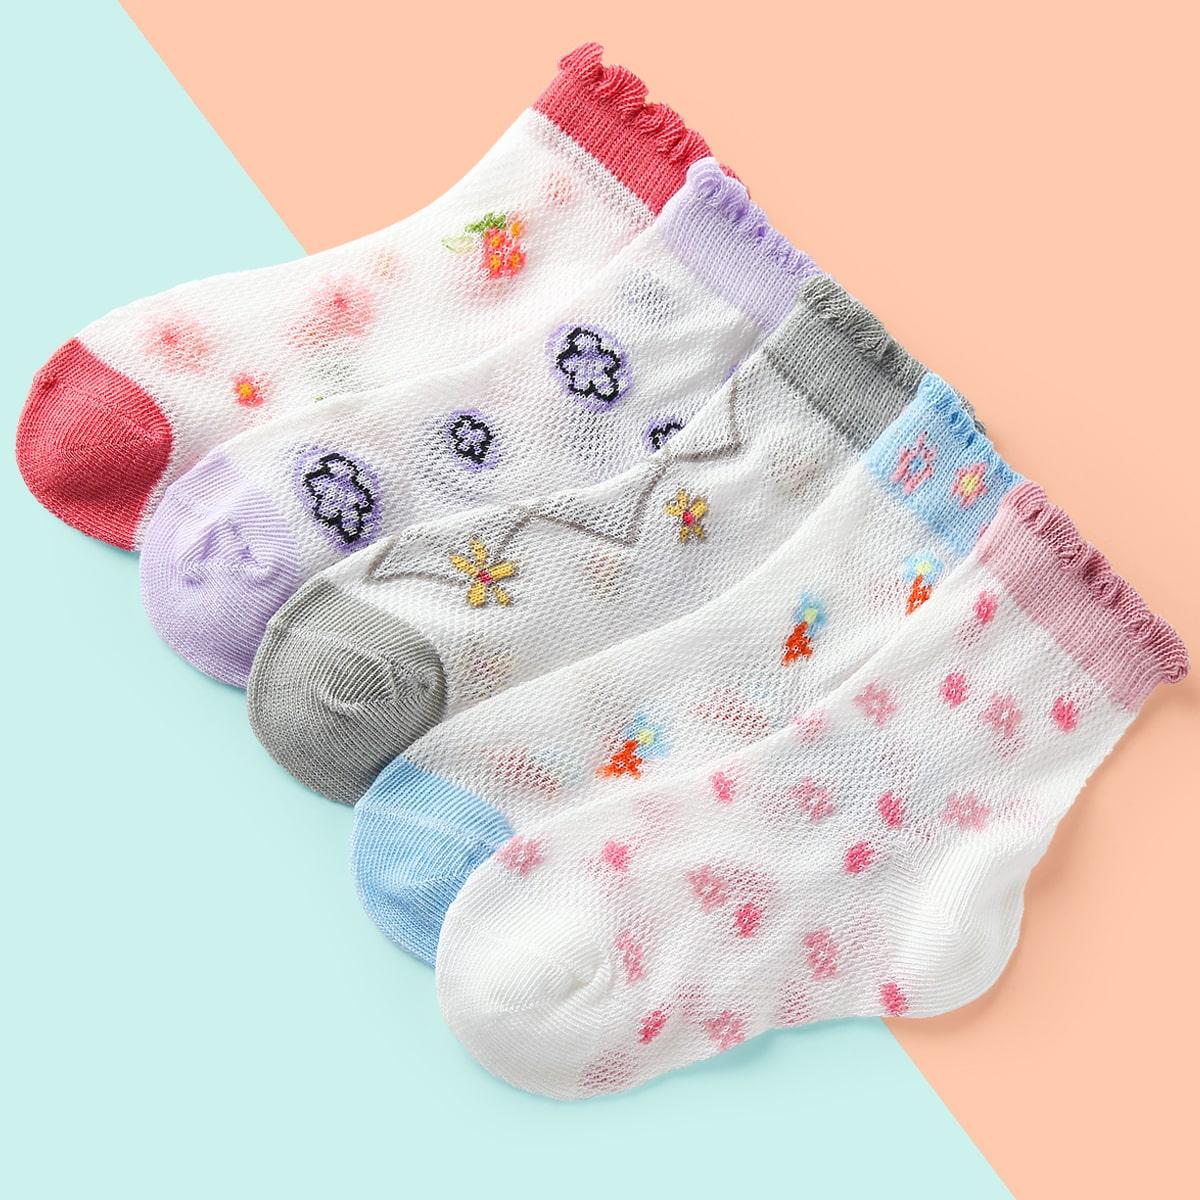 SHEIN / 5pairs Baby Flower Print Crew Socks